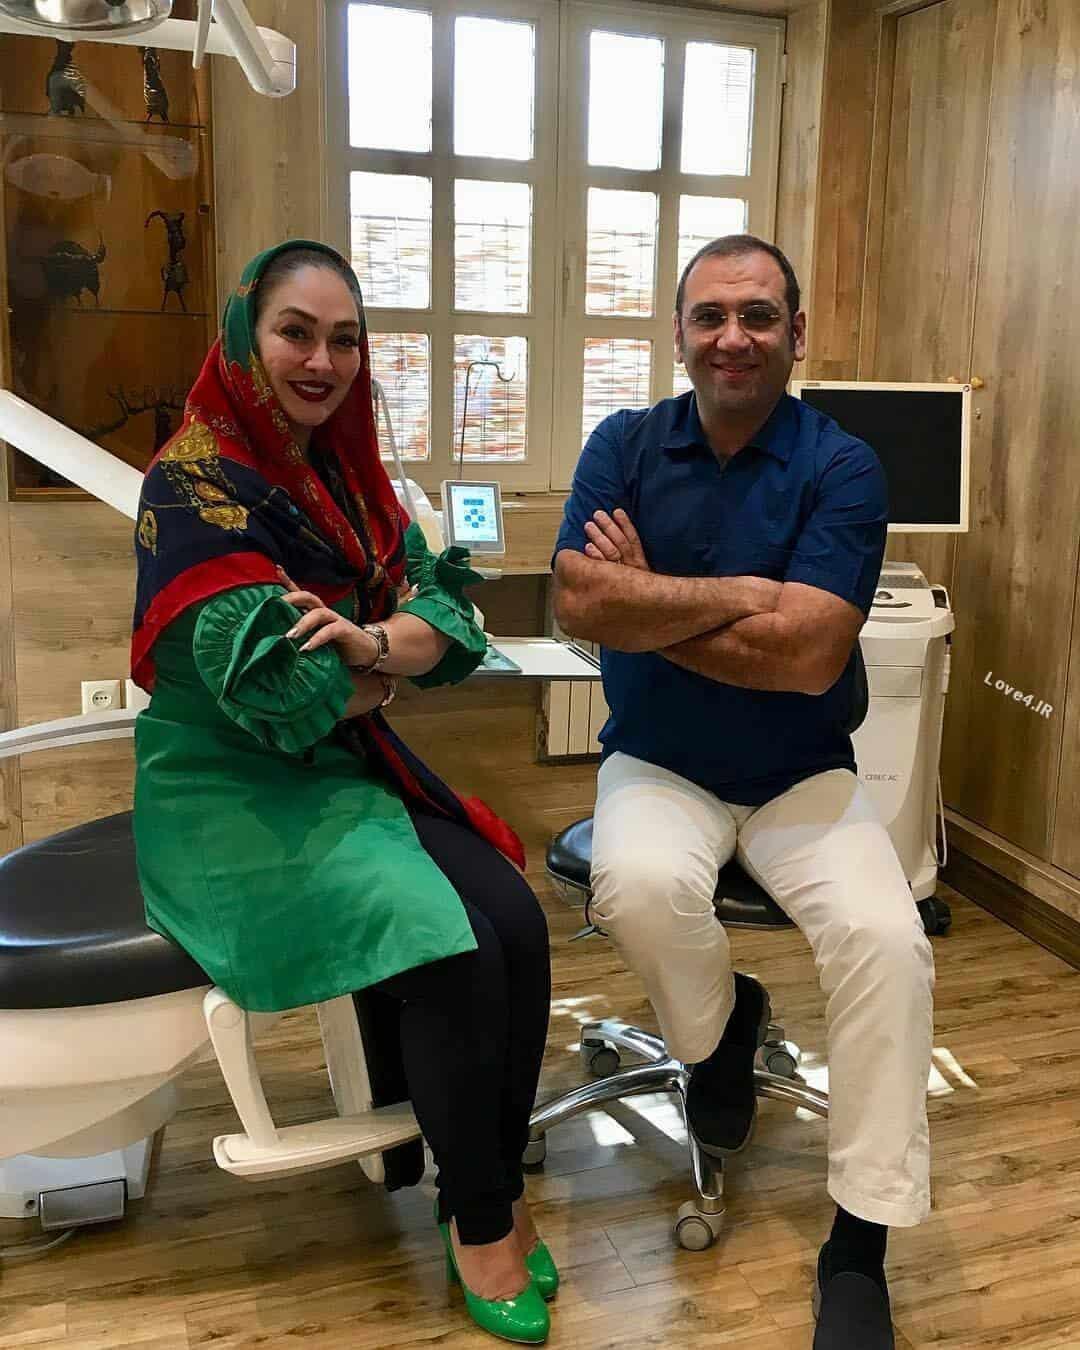 عکس یادگاری الهام حمیدی با دکتر دندانپزشکش